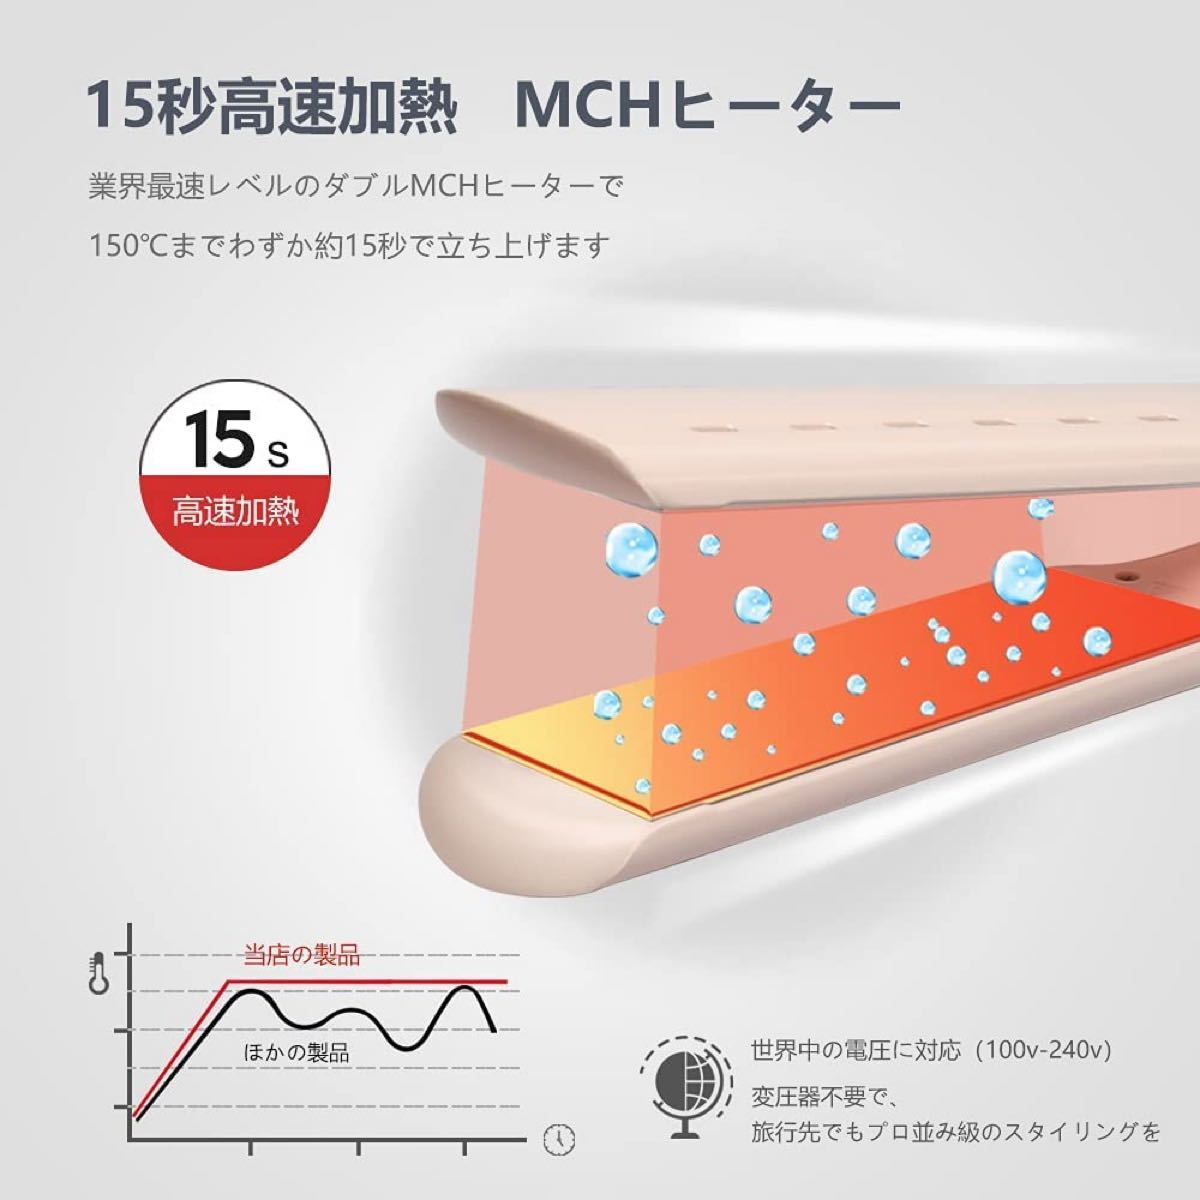 ストレートアイロン ヘアアイロン チタニウムプレート44mm 5段階温度調節 150℃〜230℃ 干湿両用